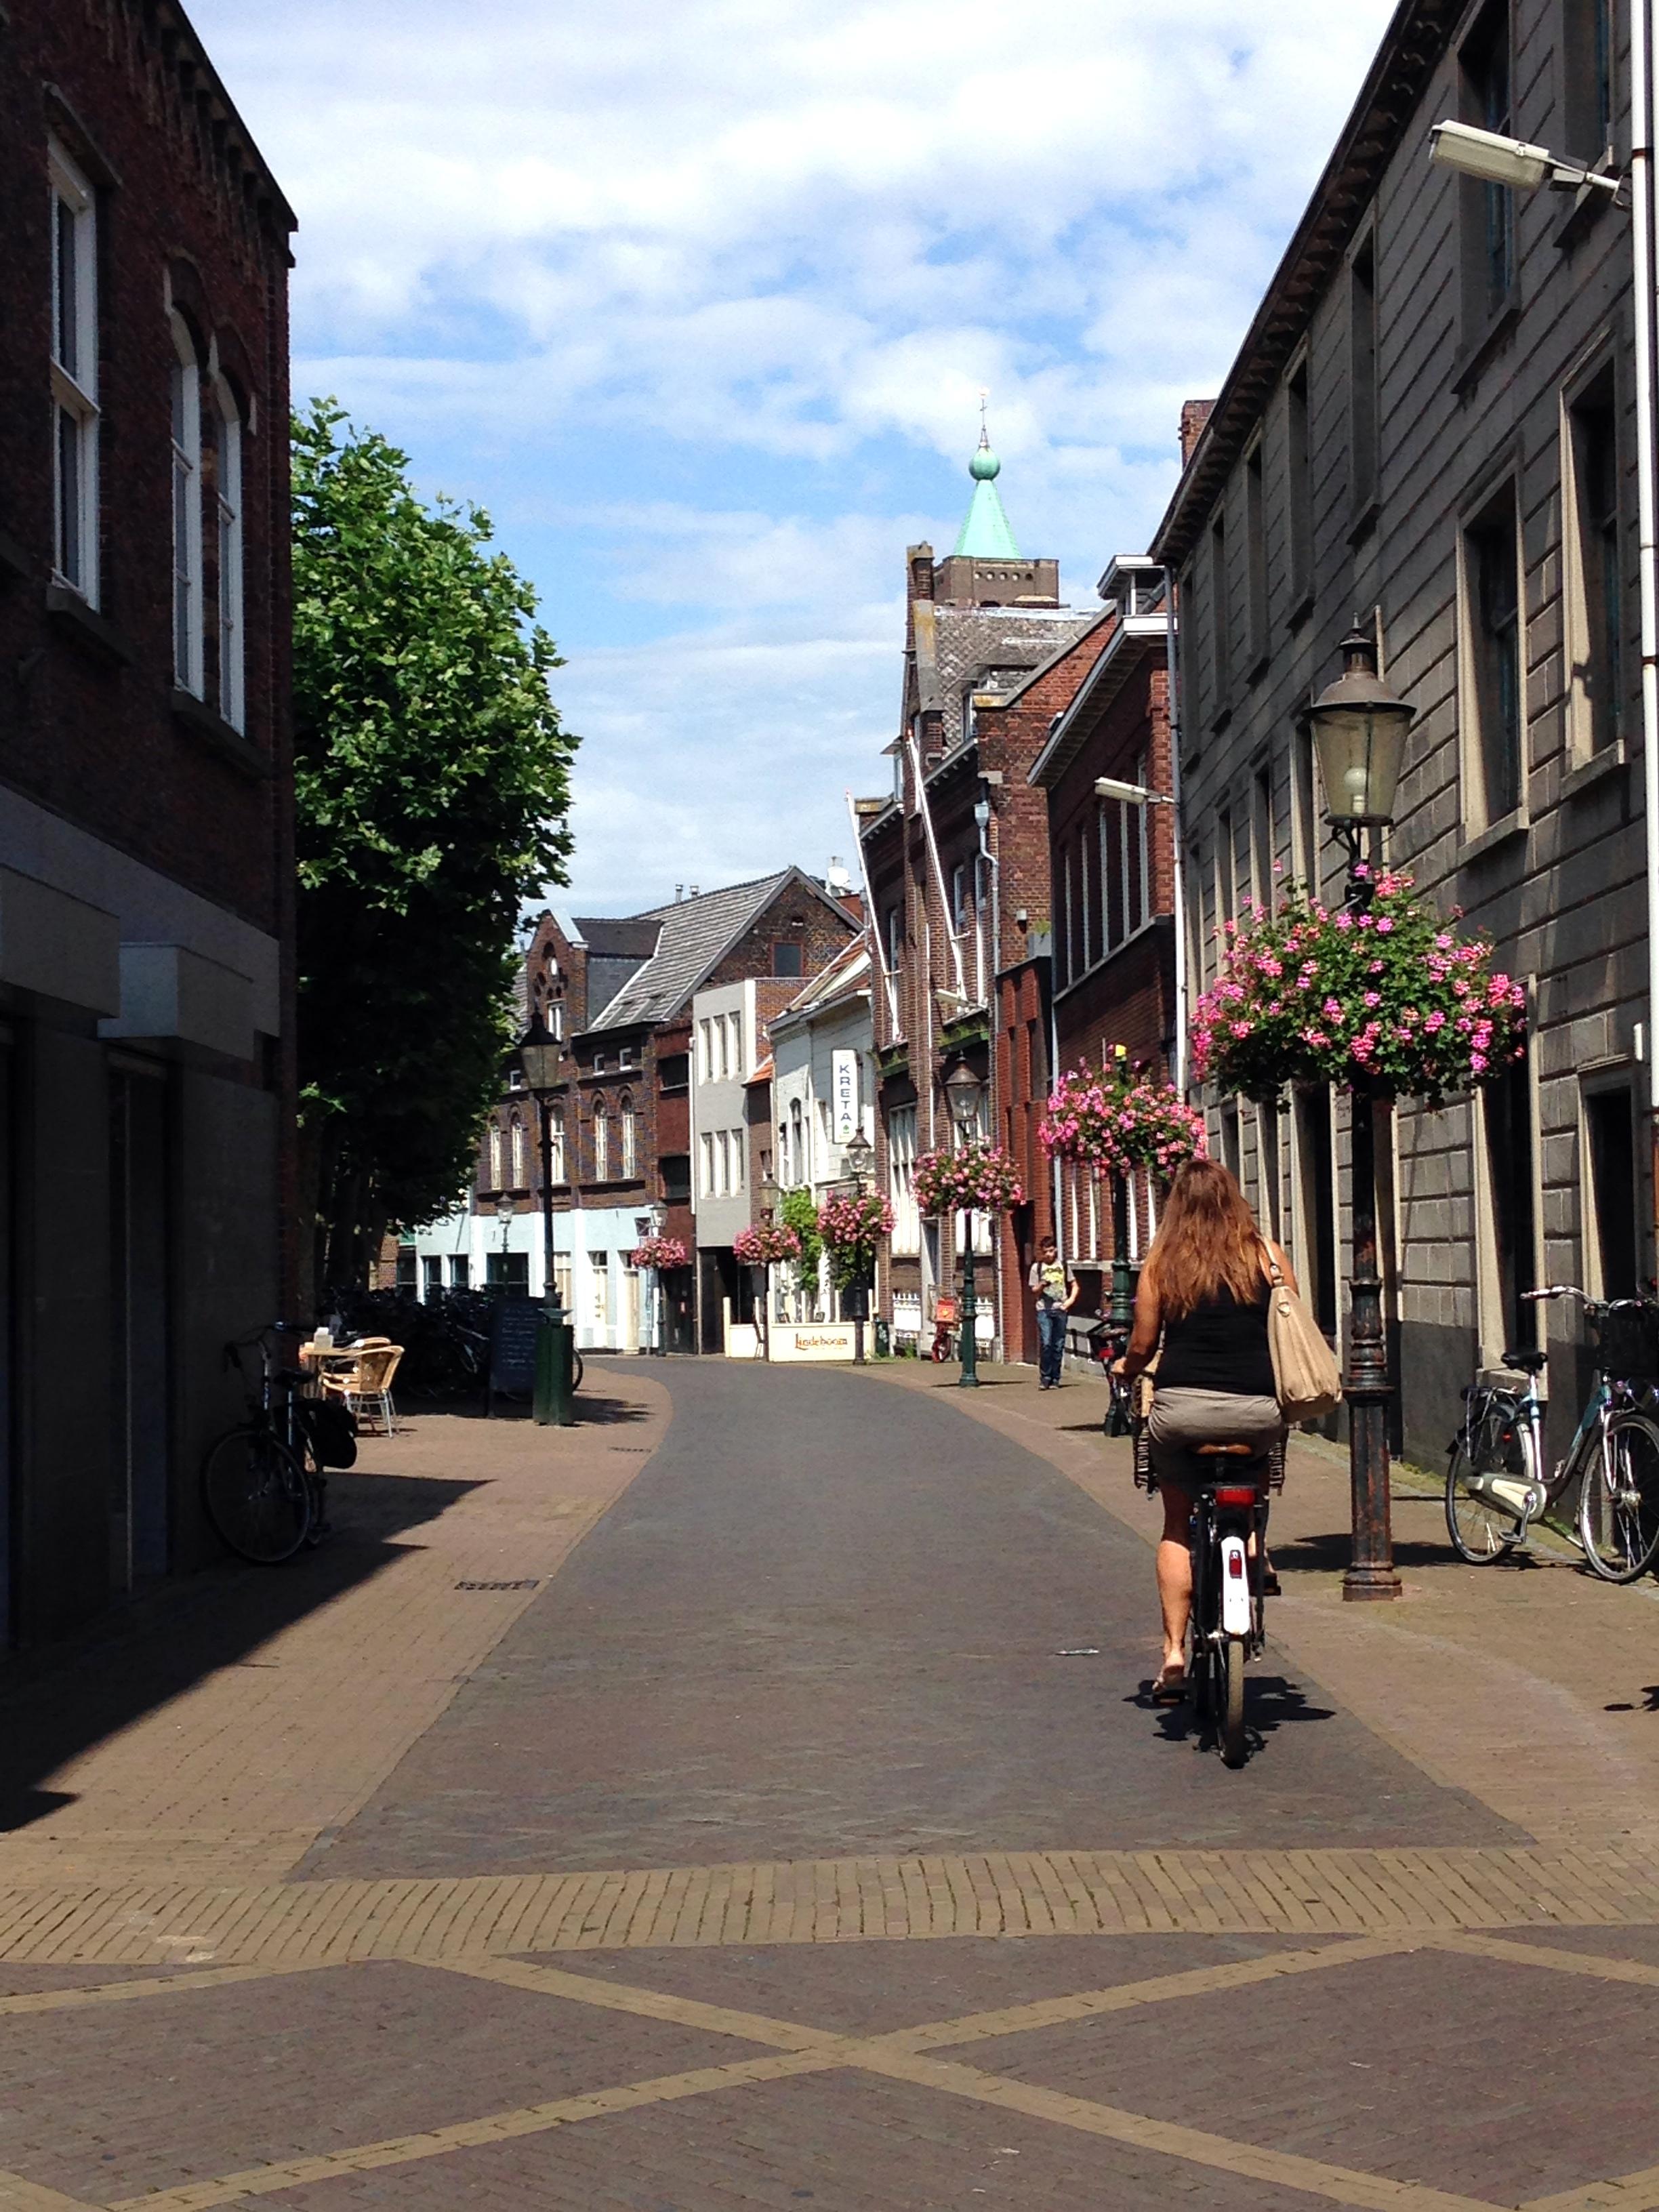 Weihnachtsdeko Venlo.Shopping Und Essen In Venlo Nl Meine Tipps Scrapimpulse